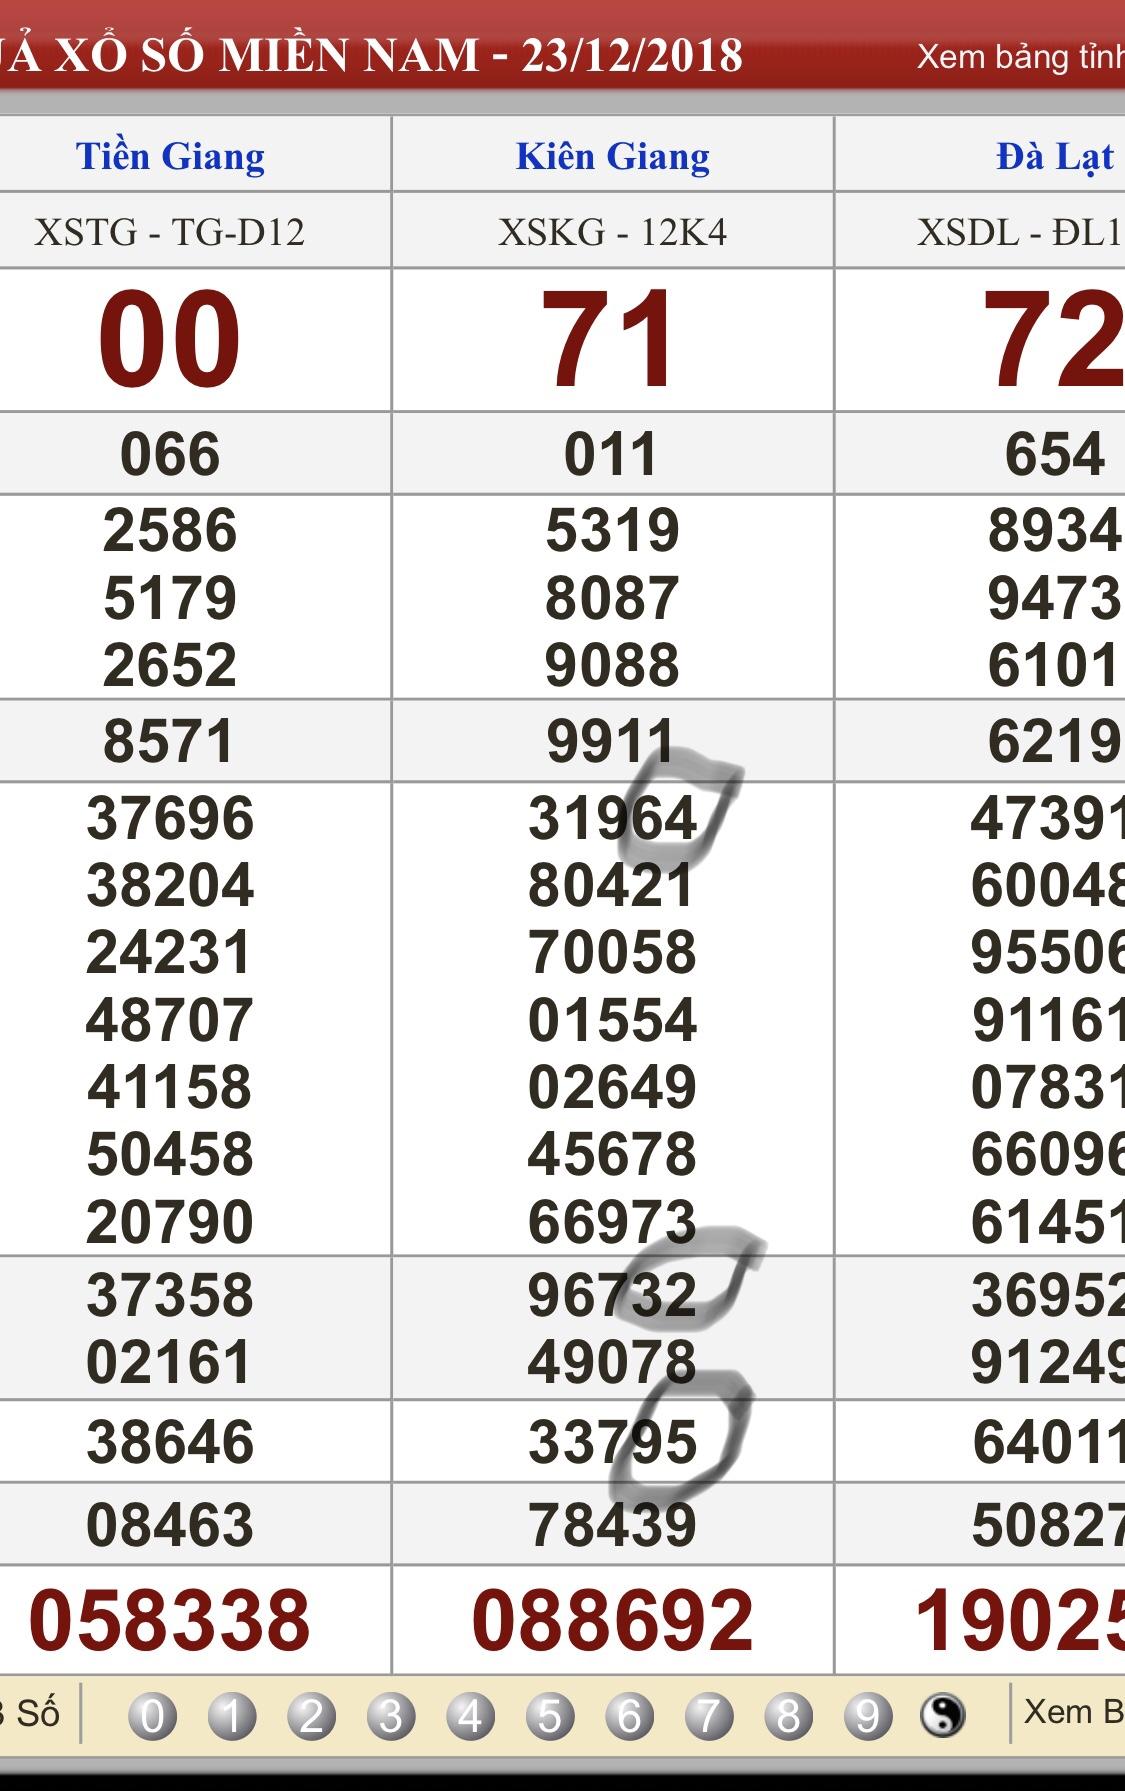 DC03F731-831E-4146-8CCF-804901F839D7.jpeg